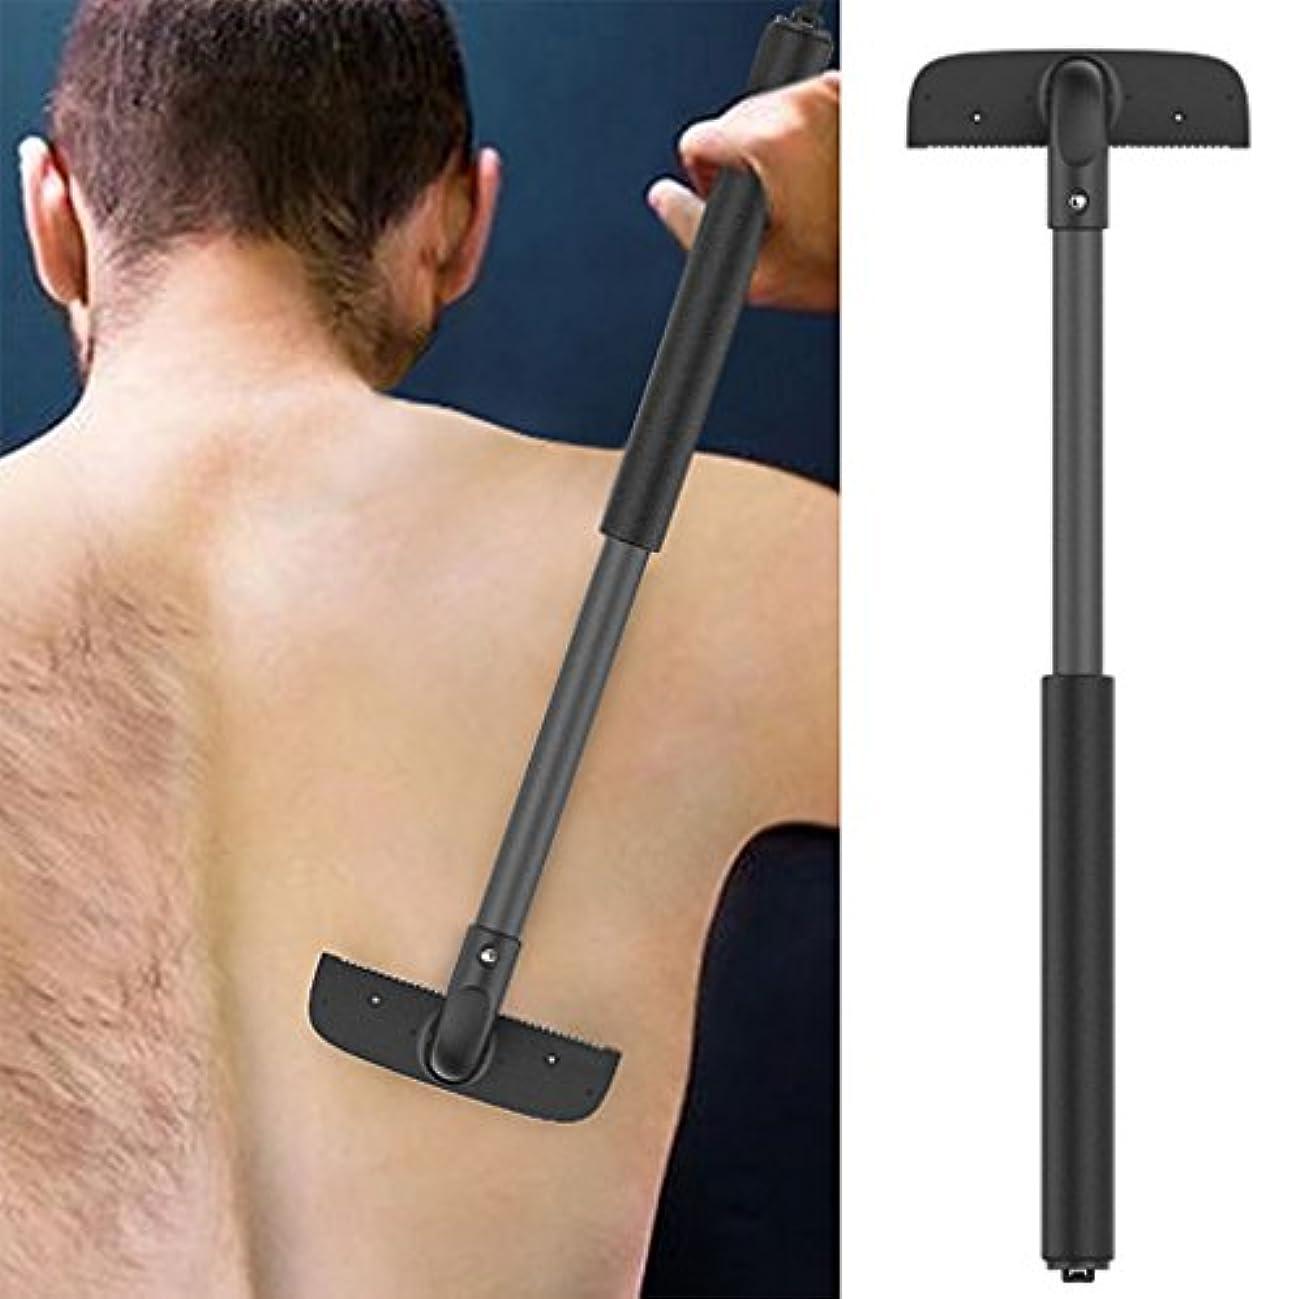 軽減する階行方不明ユニセックスマニュアルバックヘア除去とボディシェーバー、引き込み式脱毛装置、ドゥーイットユアバックヘアシェーバー